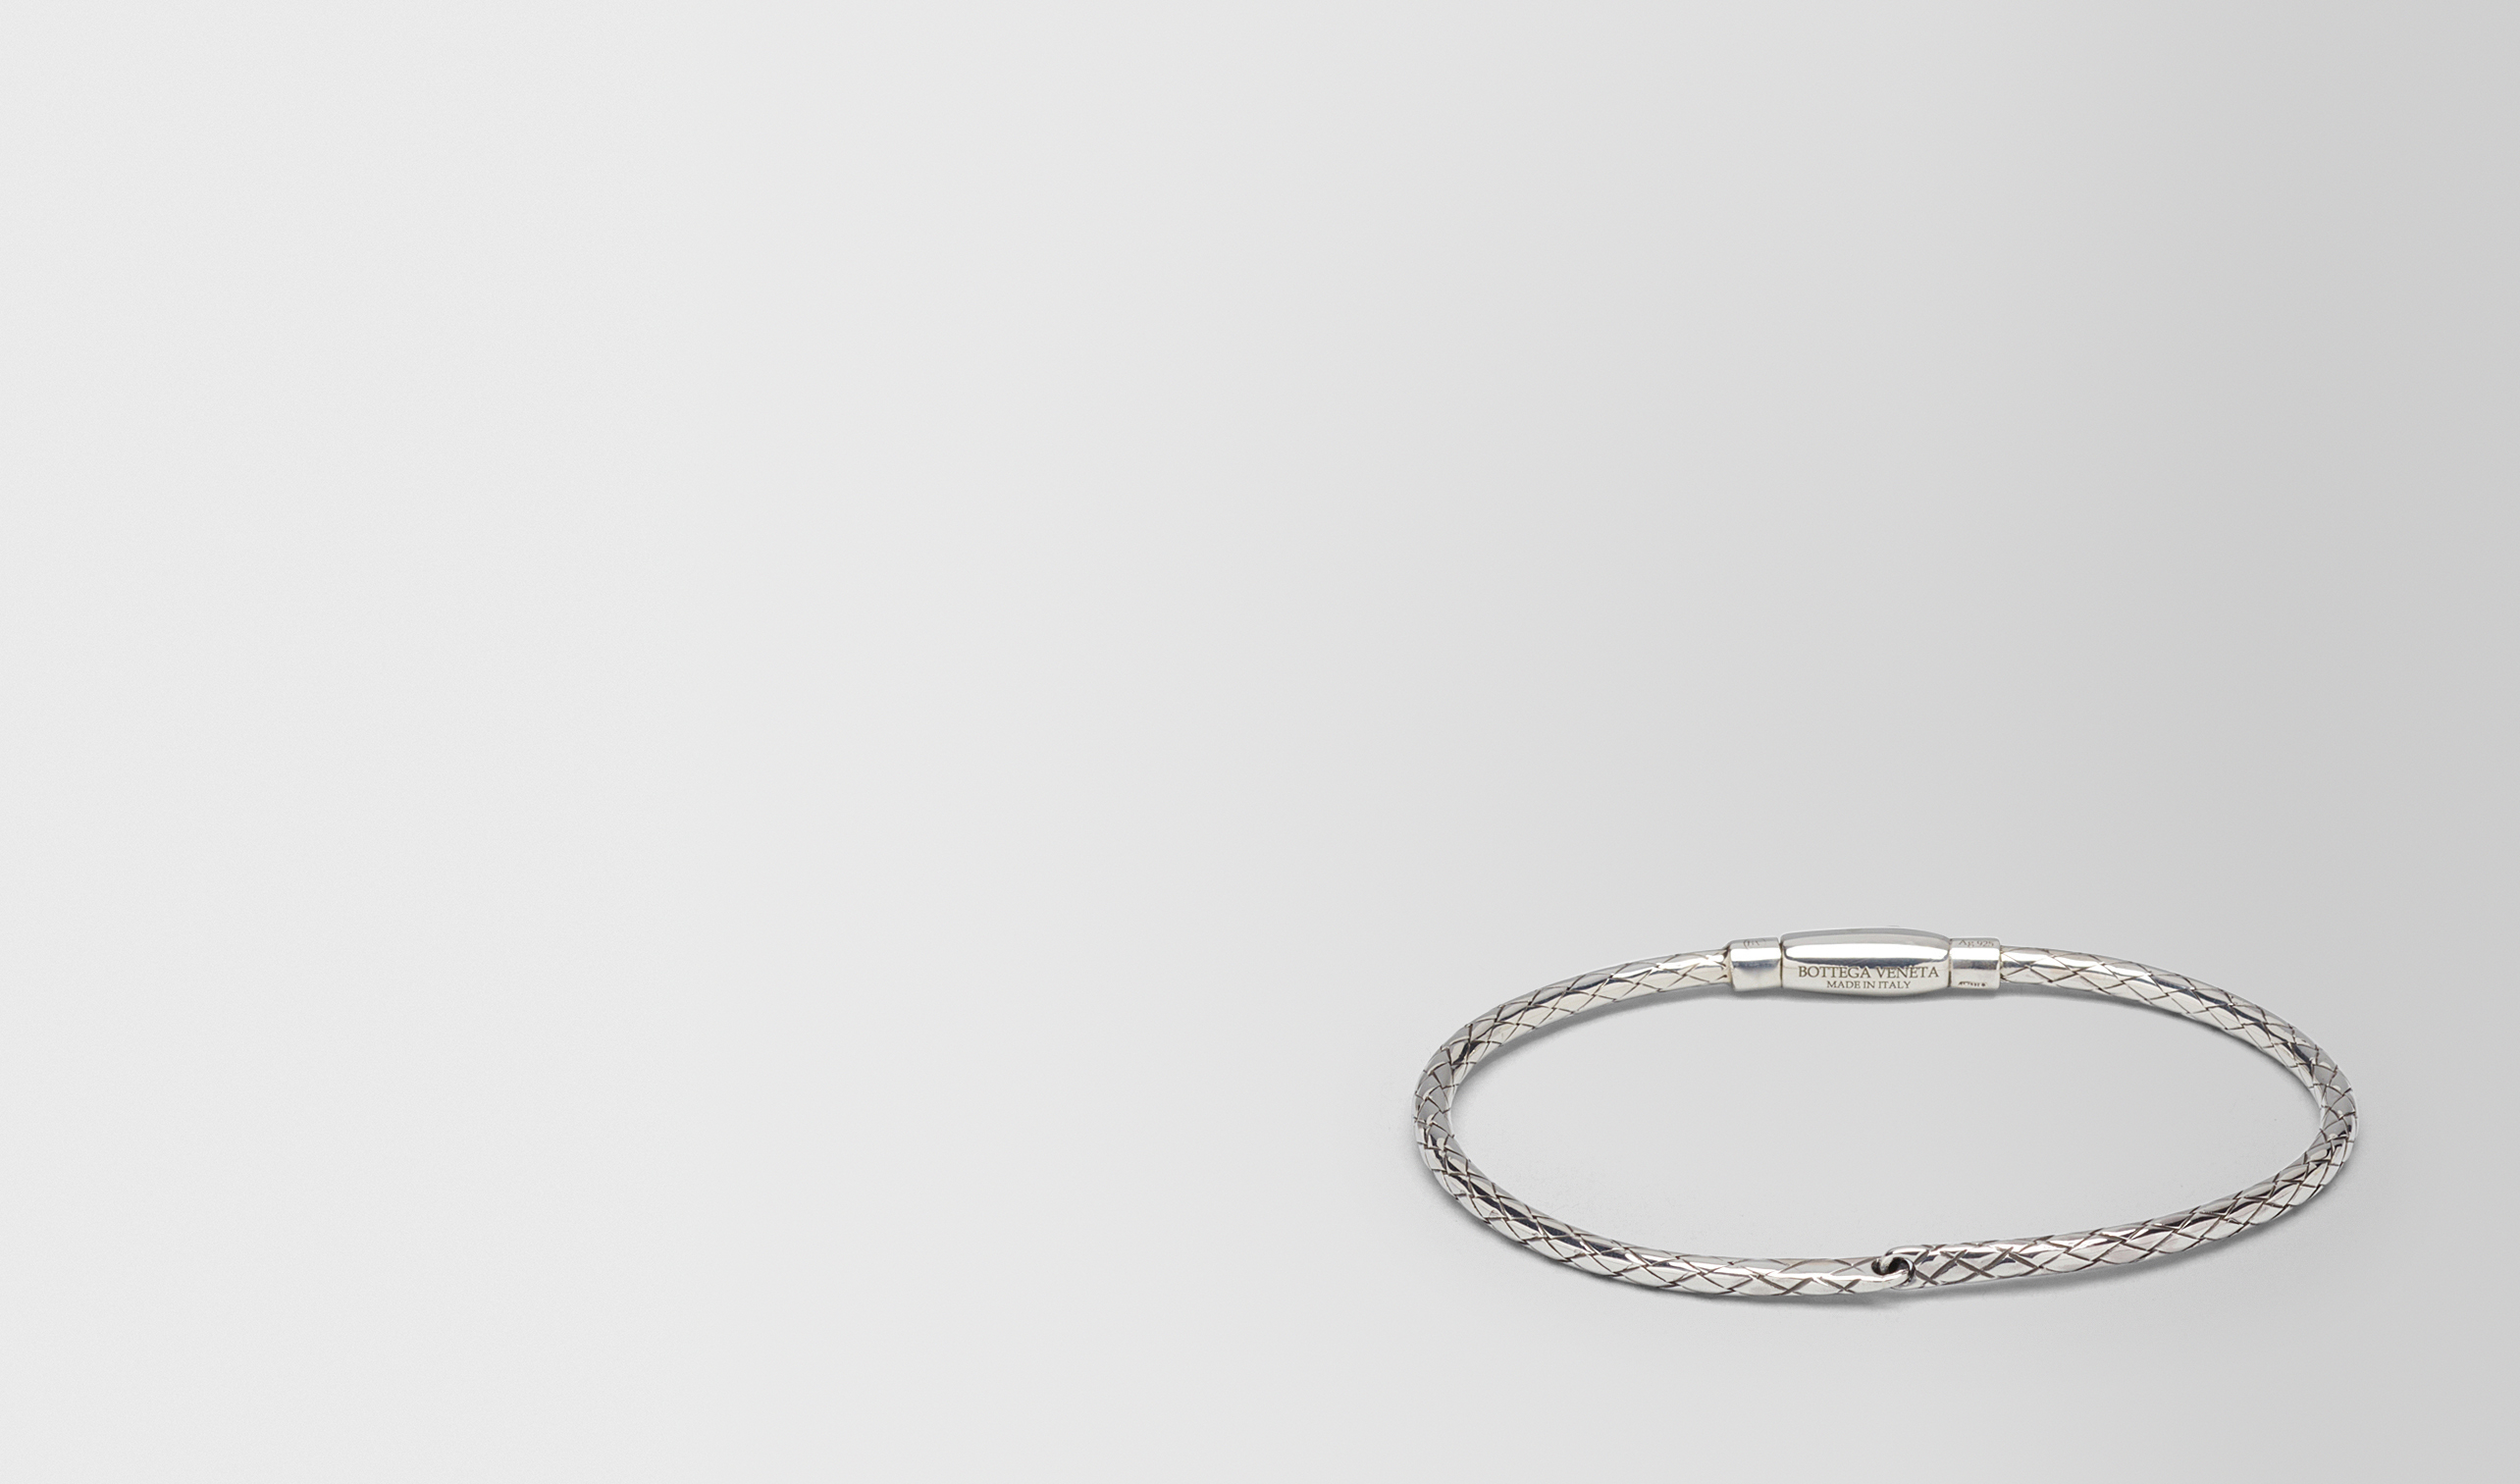 BOTTEGA VENETA Bracelet D BRACELET IN INTRECCIATO SILVER pl